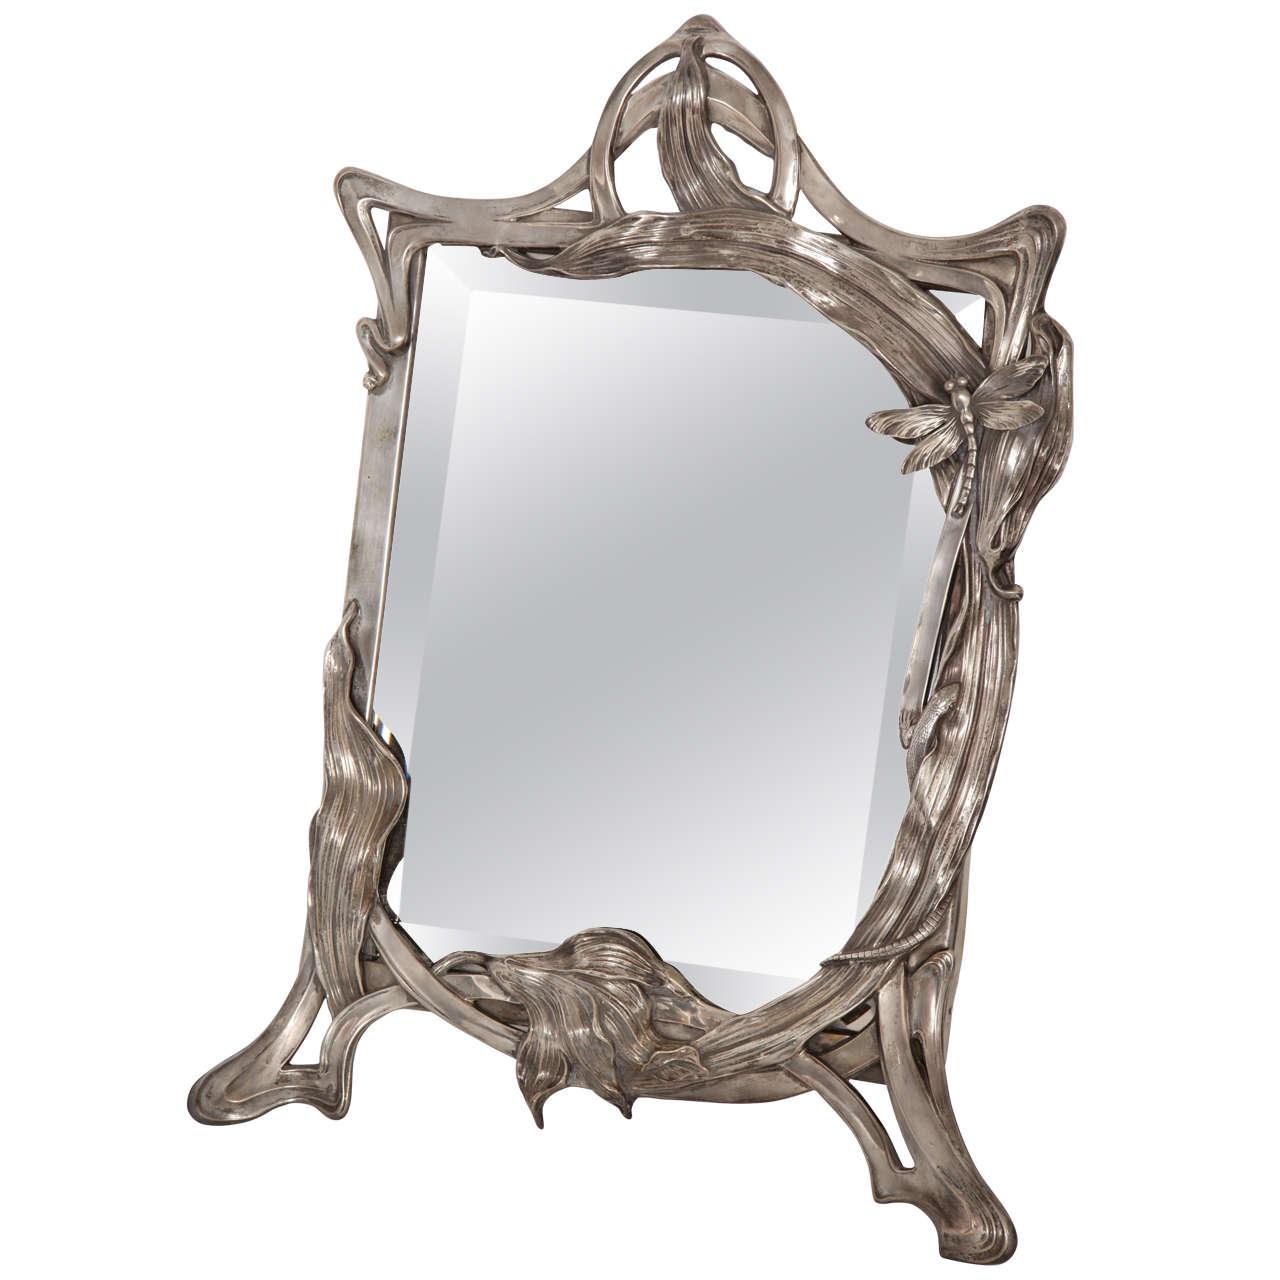 Art nouveau german silver table mirror at 1stdibs for Miroir art nouveau